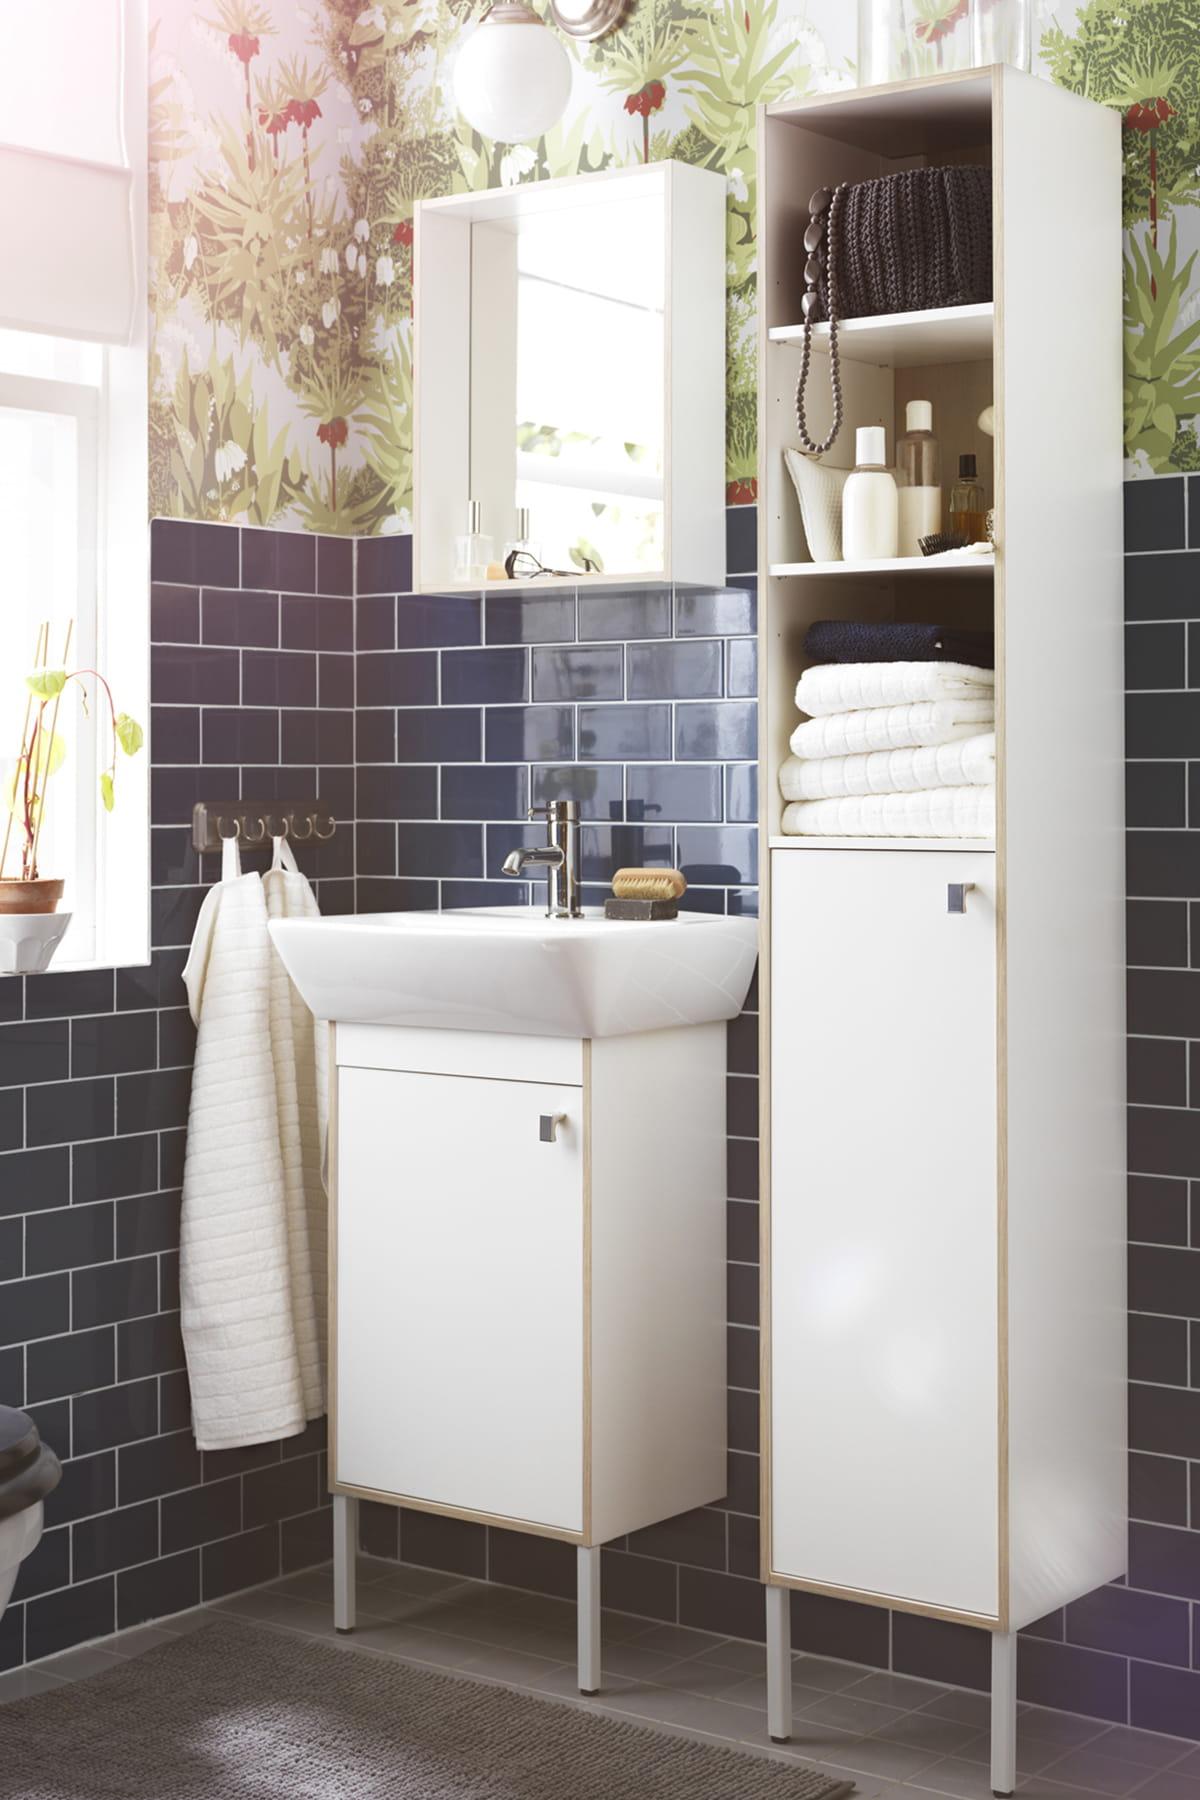 Choisir des meubles troits des produits malins pour am nager une petite salle de bains - Amenager badkamer ...